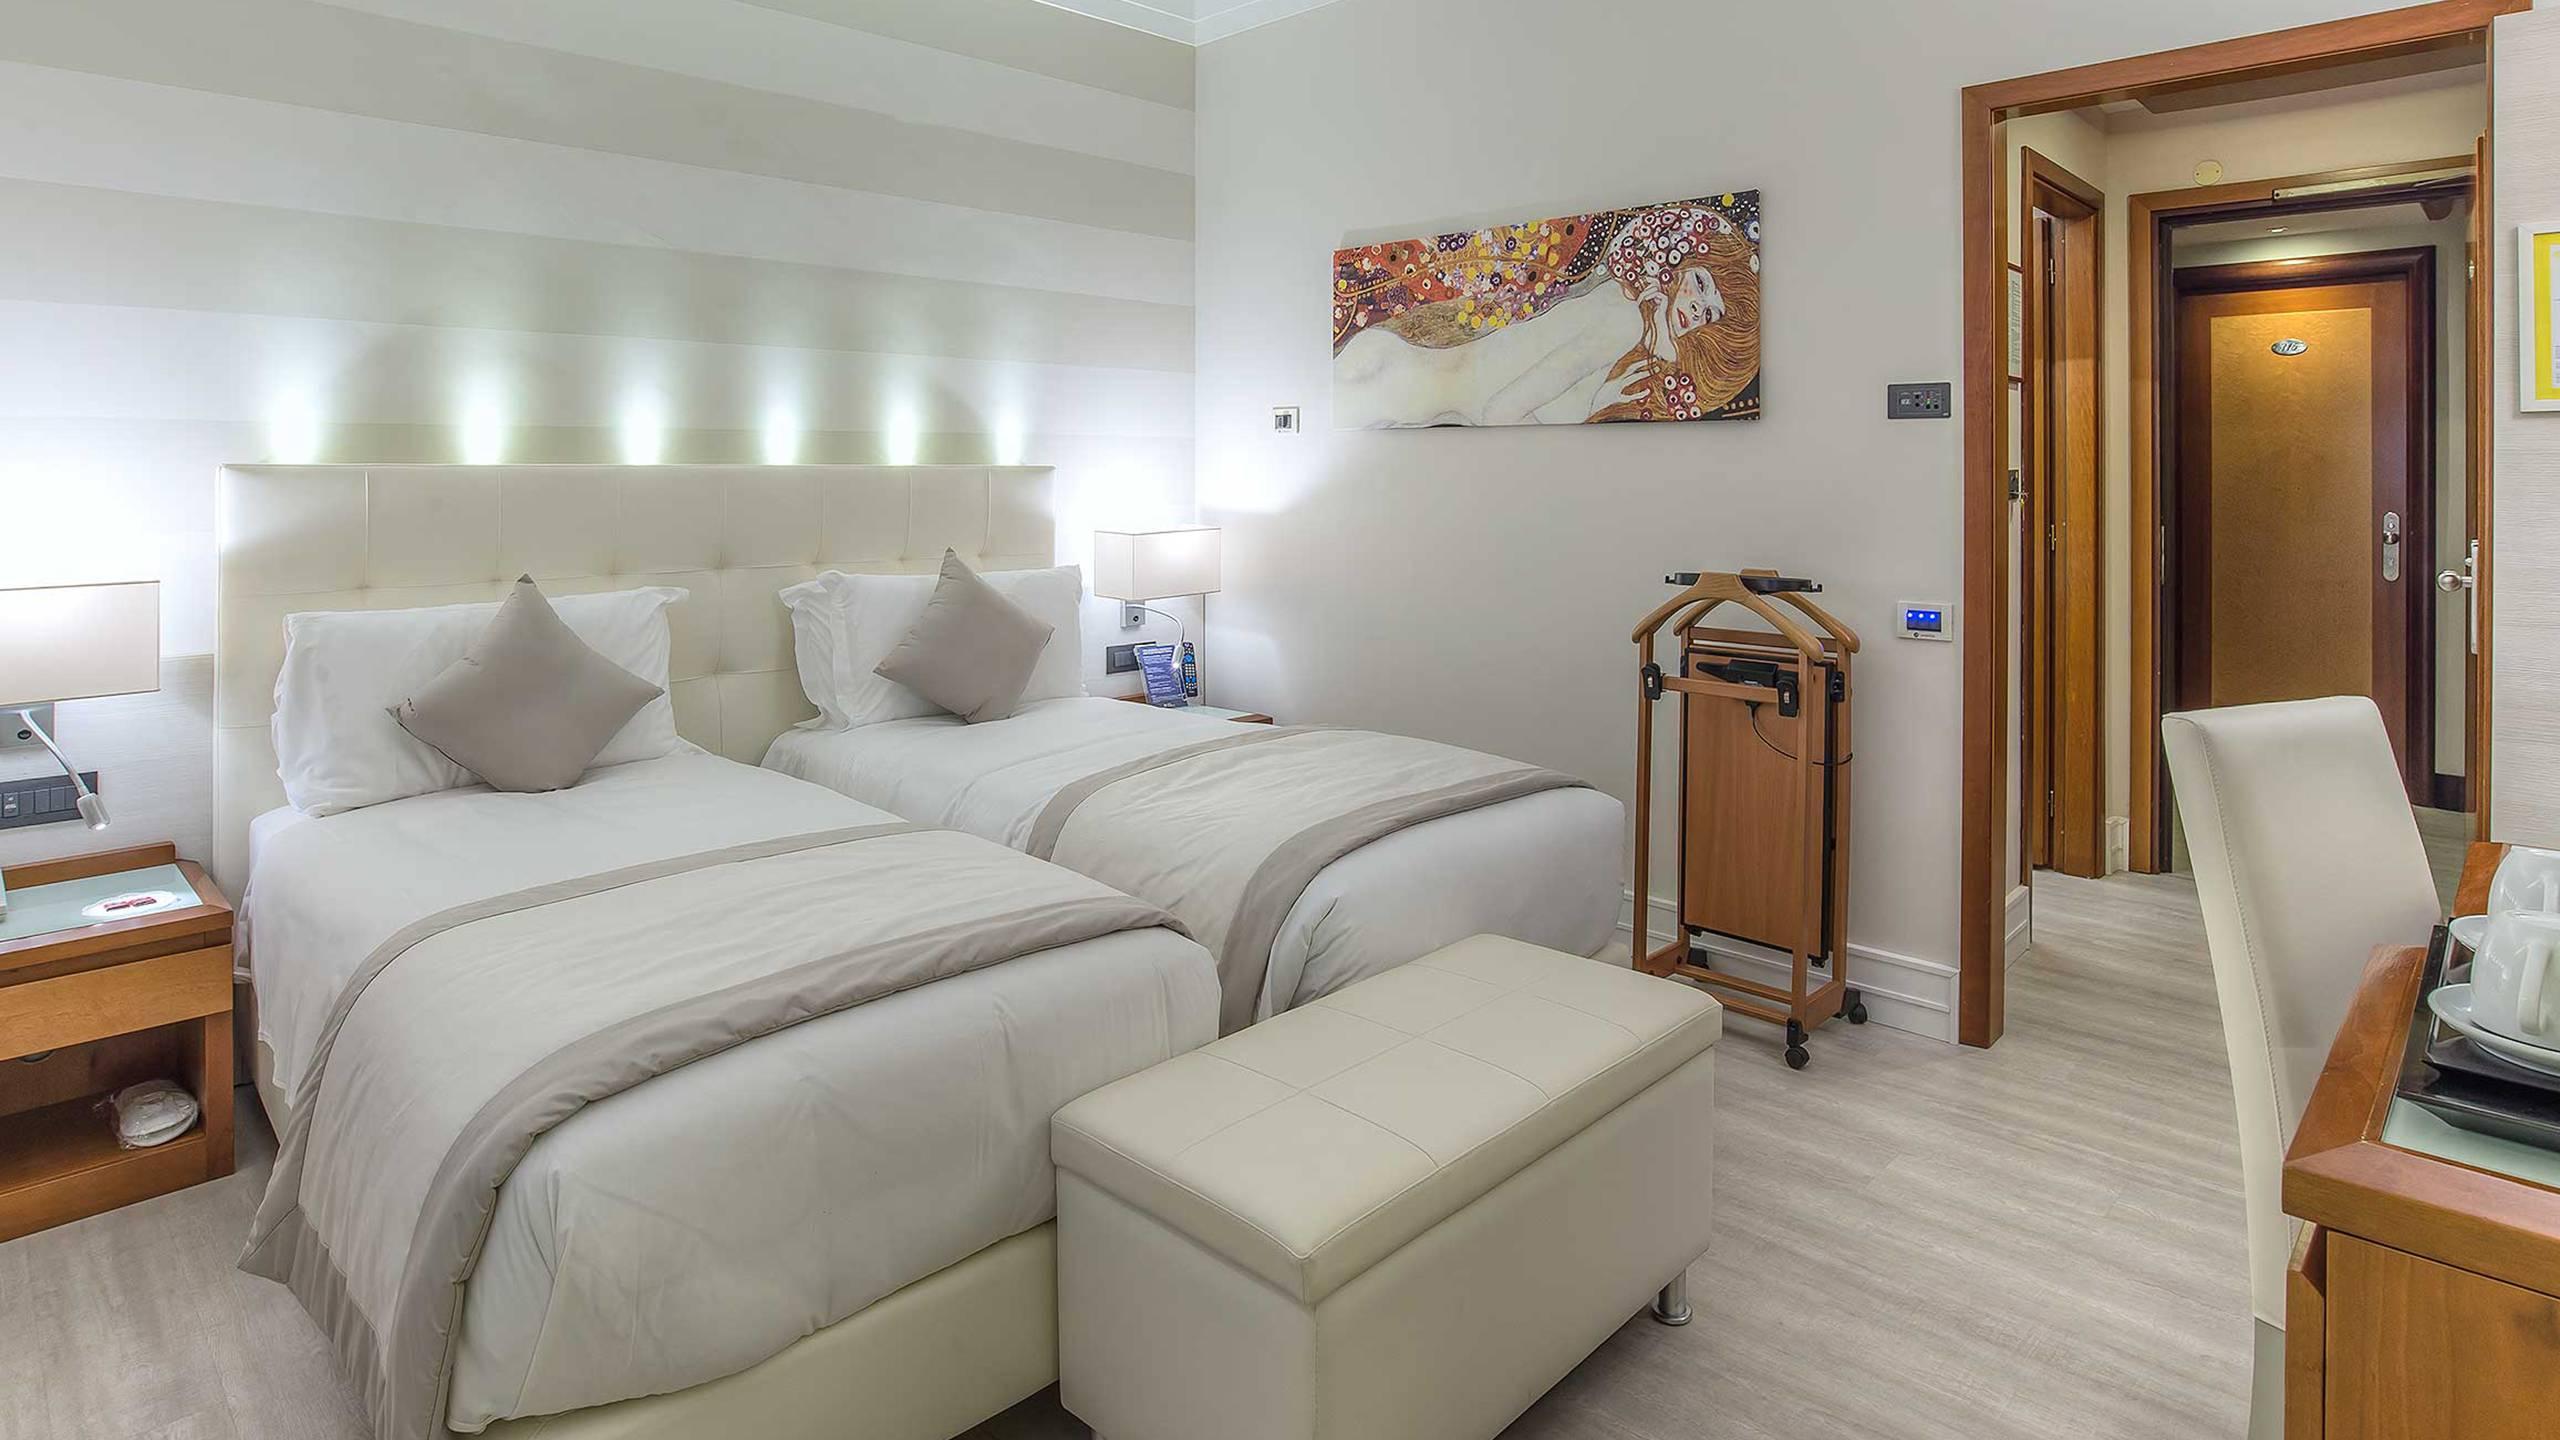 Hotel-La-Giocca-Roma-double-superior-room-2